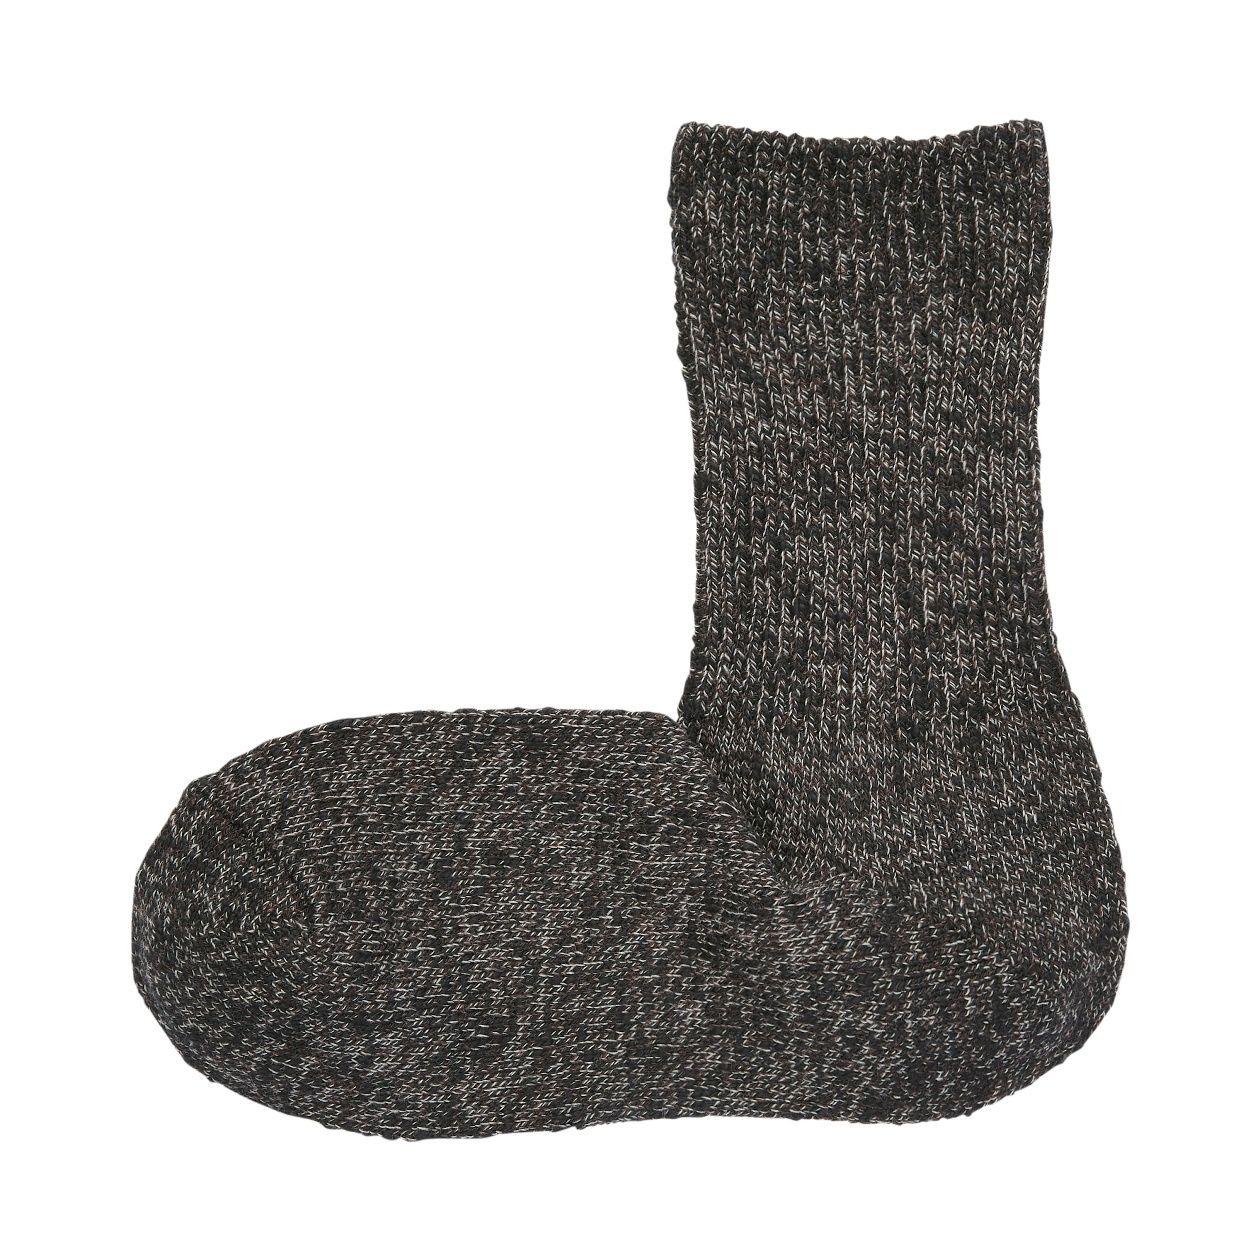 足なり直角 ムラ糸 靴下(婦人・えらべる)